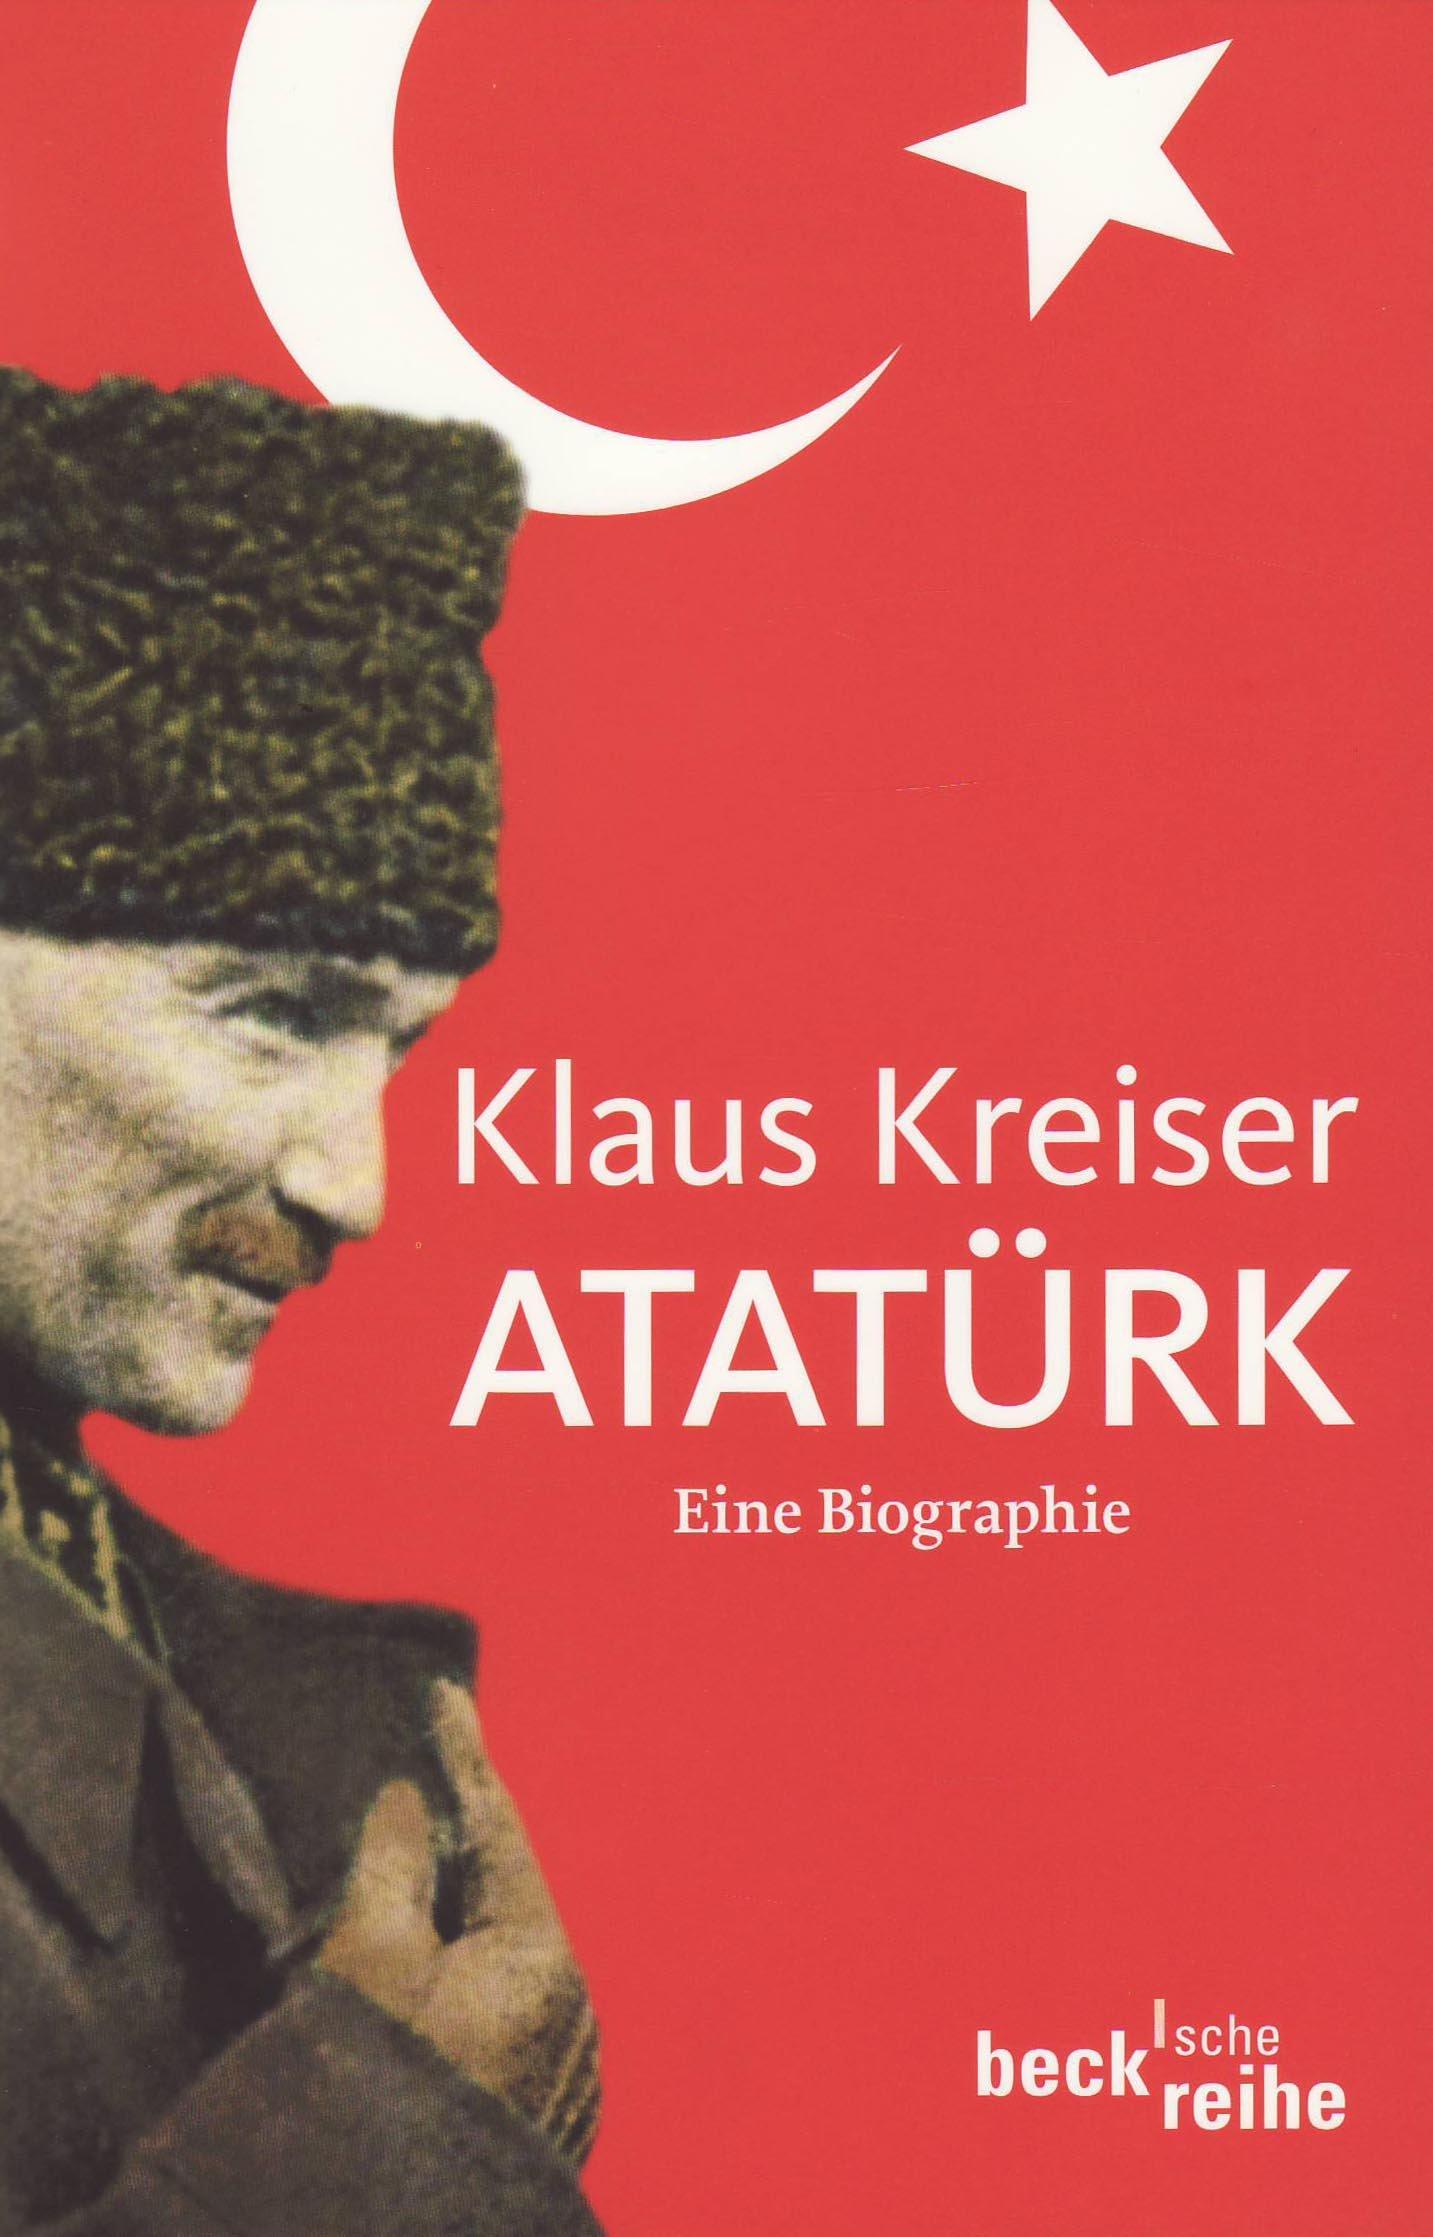 Atatürk: Eine Biographie (Beck'sche Reihe)